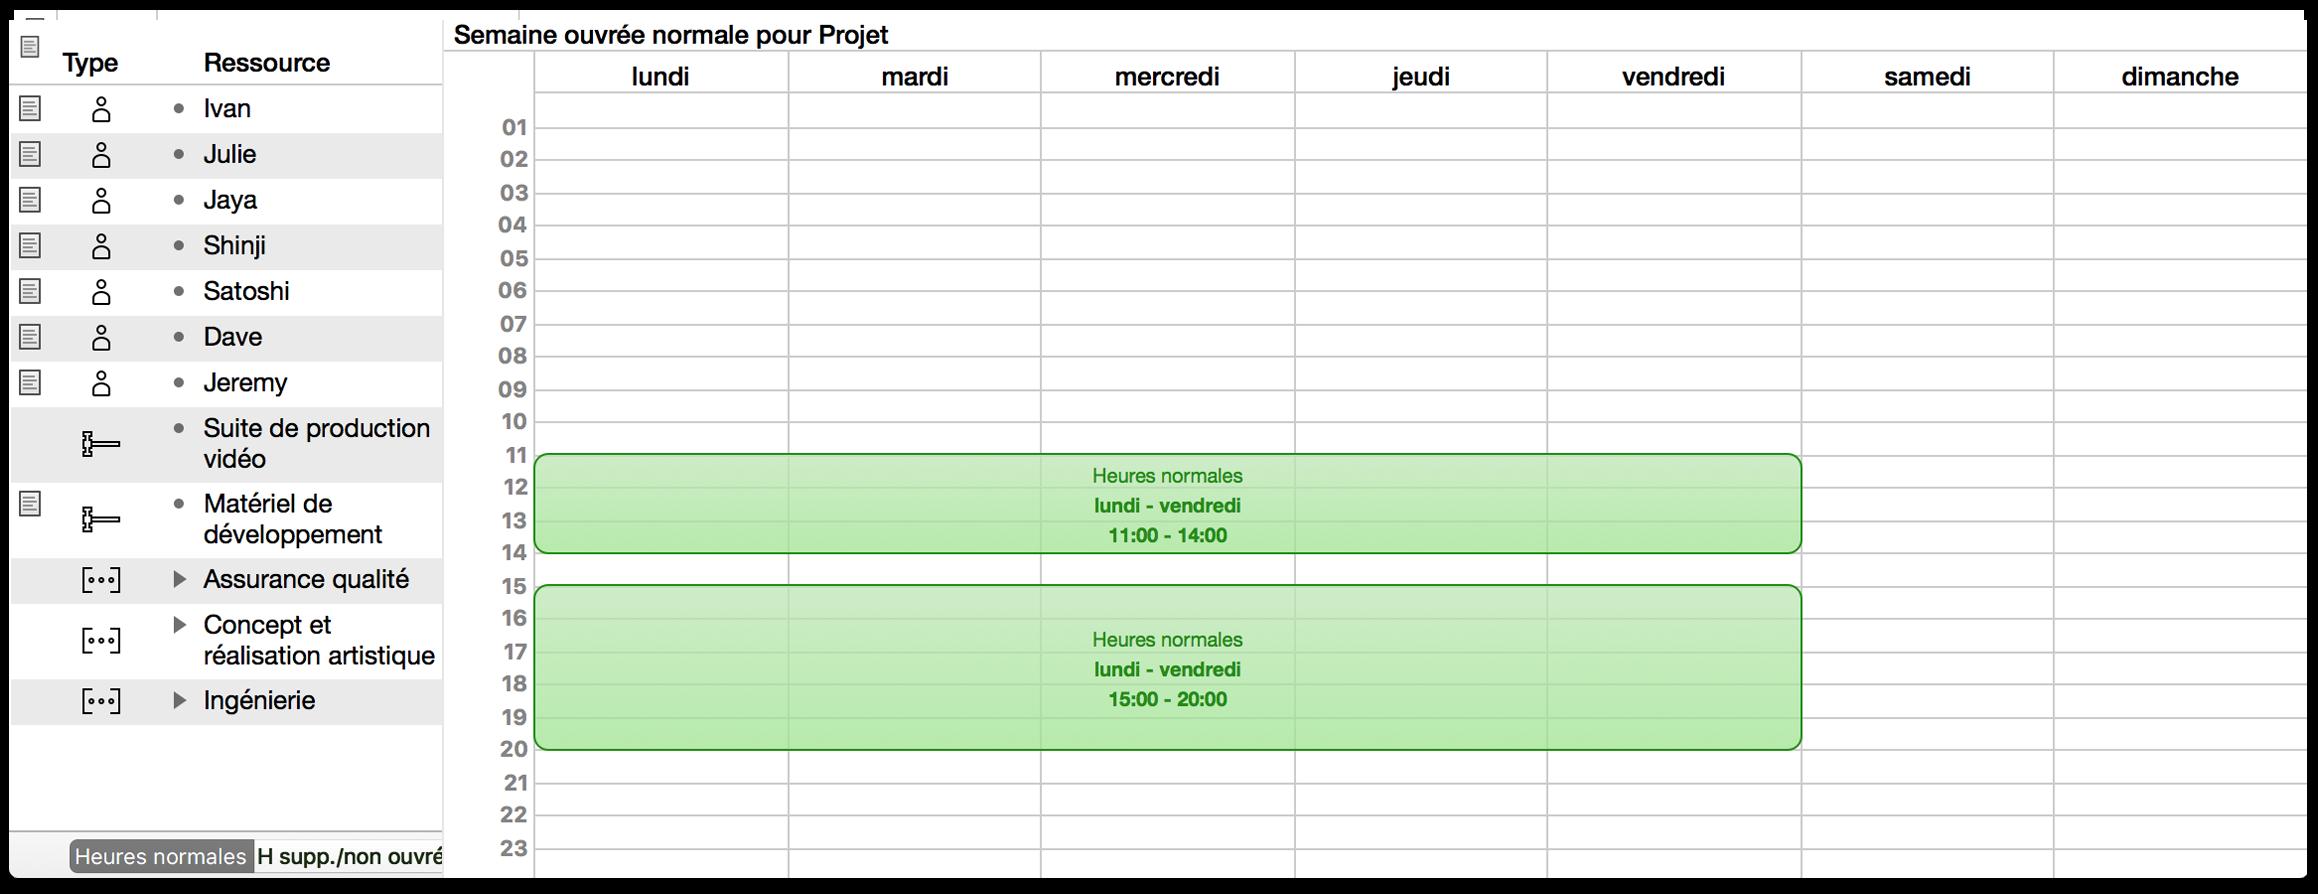 Calendrier De Travail.Manuel De L Utilisateur Omniplan 3 Pour Mac Utilisation De